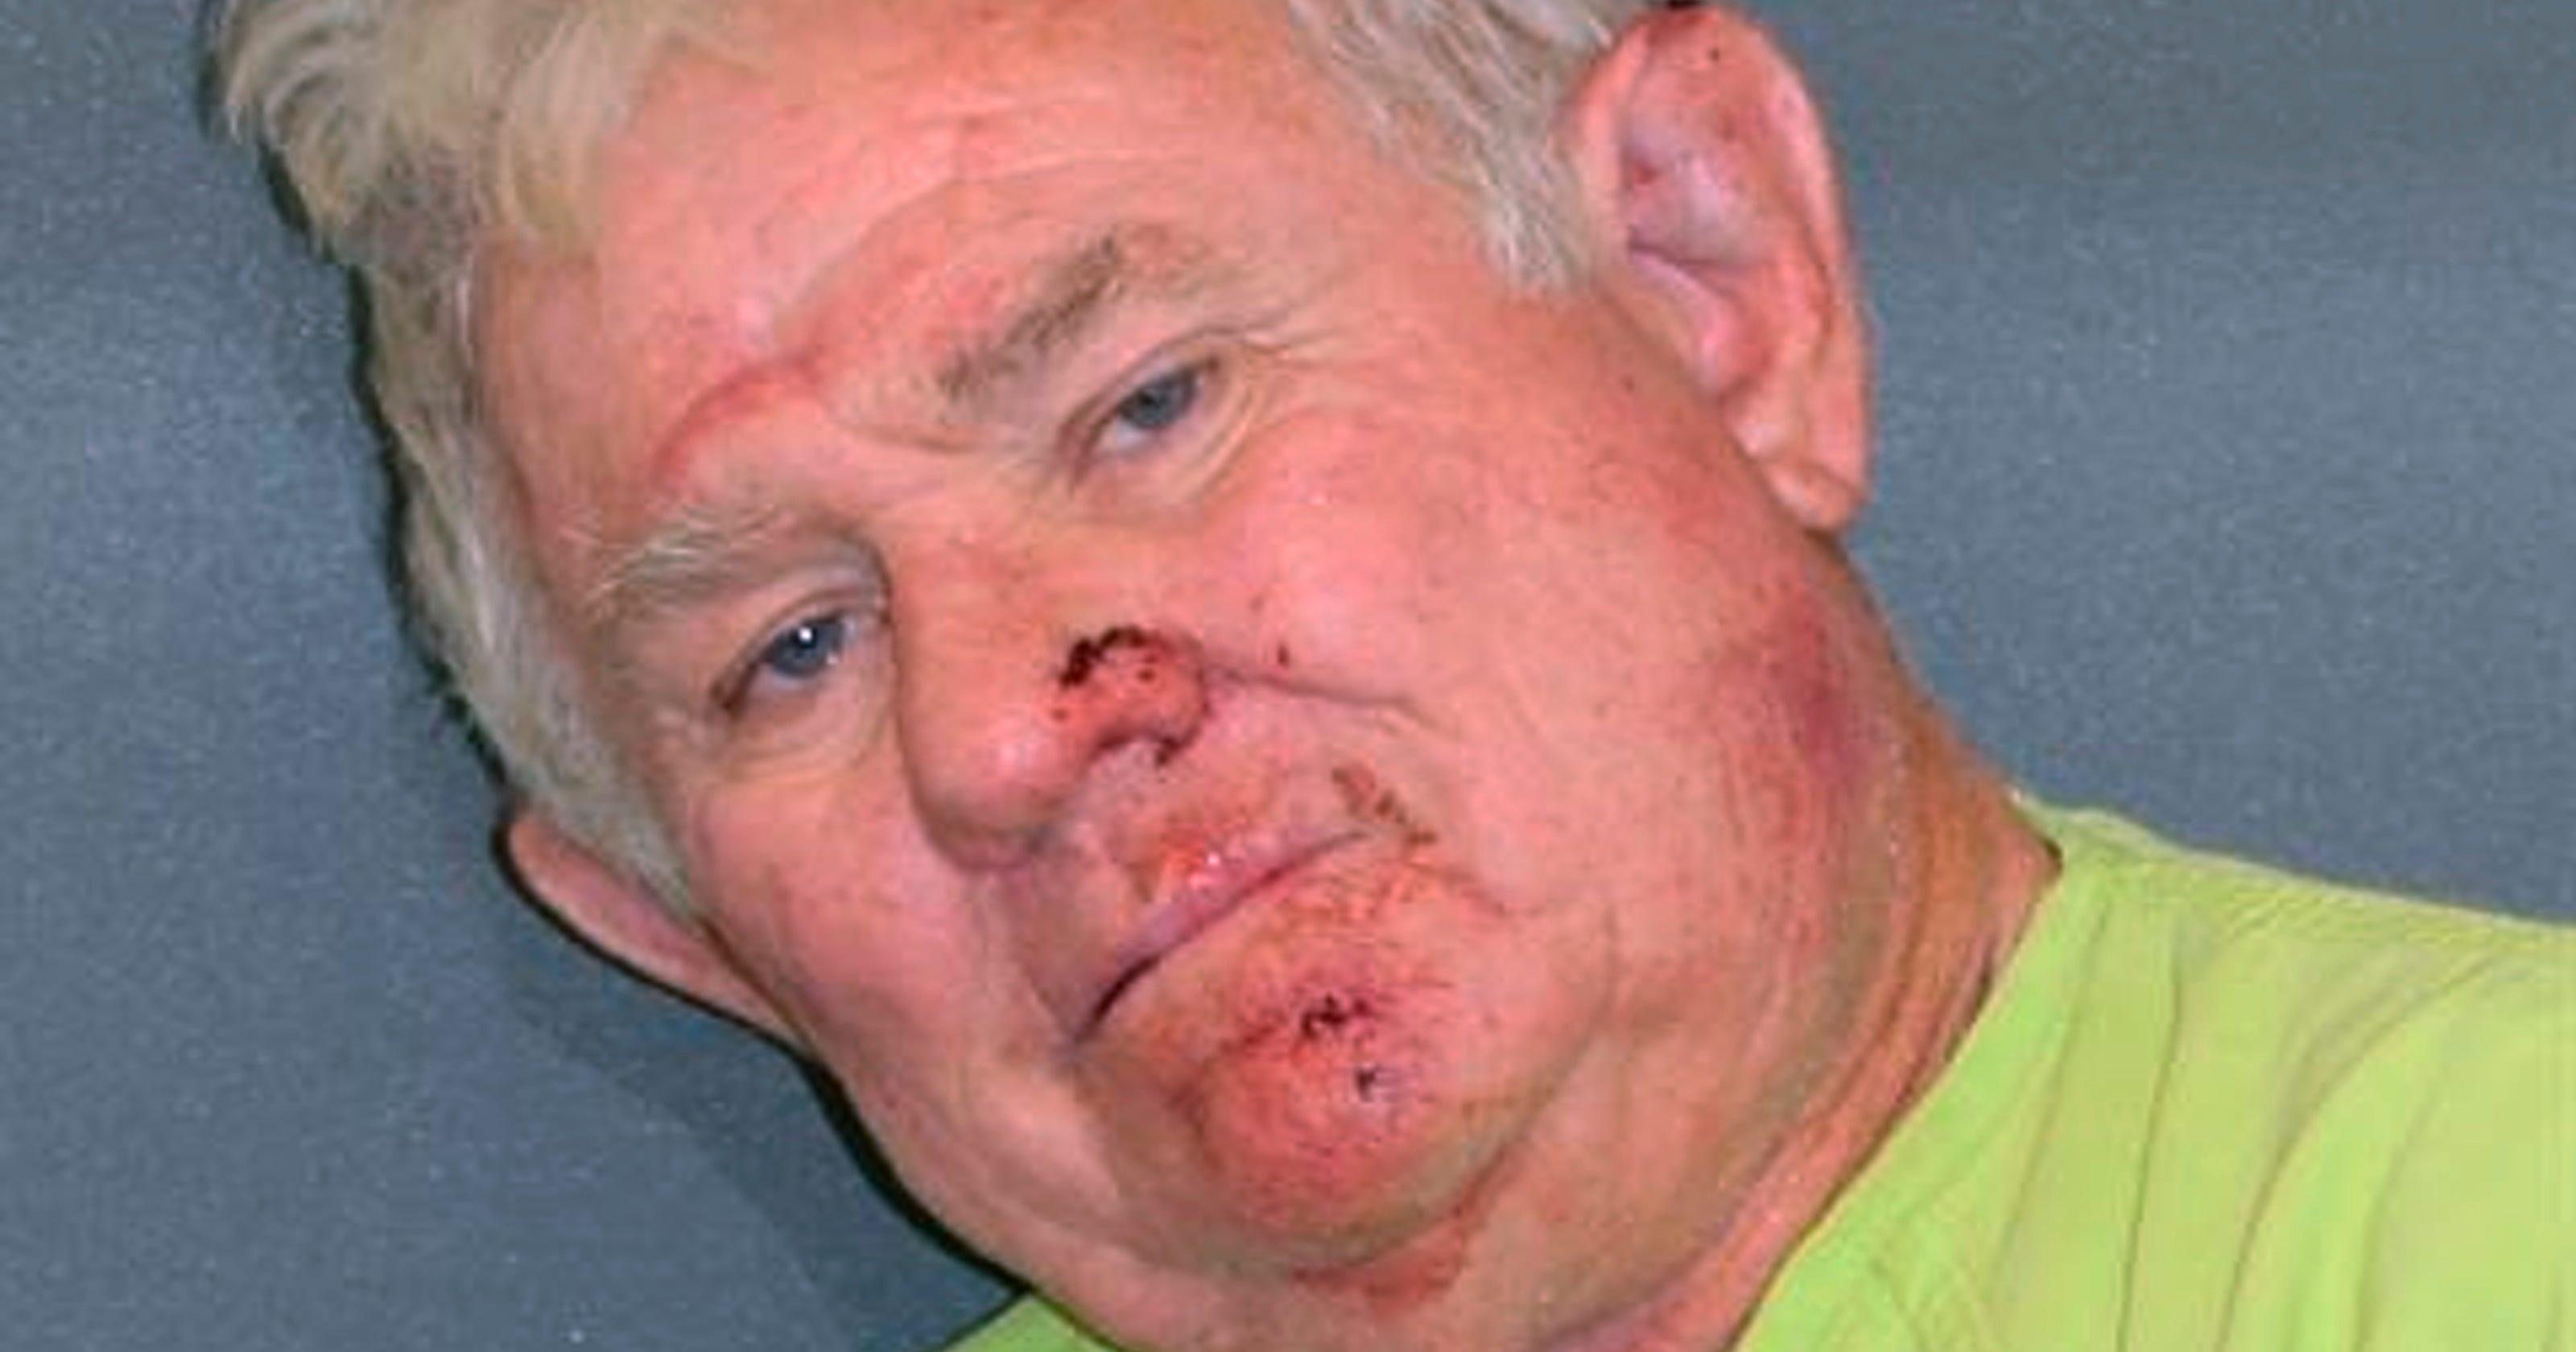 Arizona mine inspector Joe Hart arrested after domestic dispute